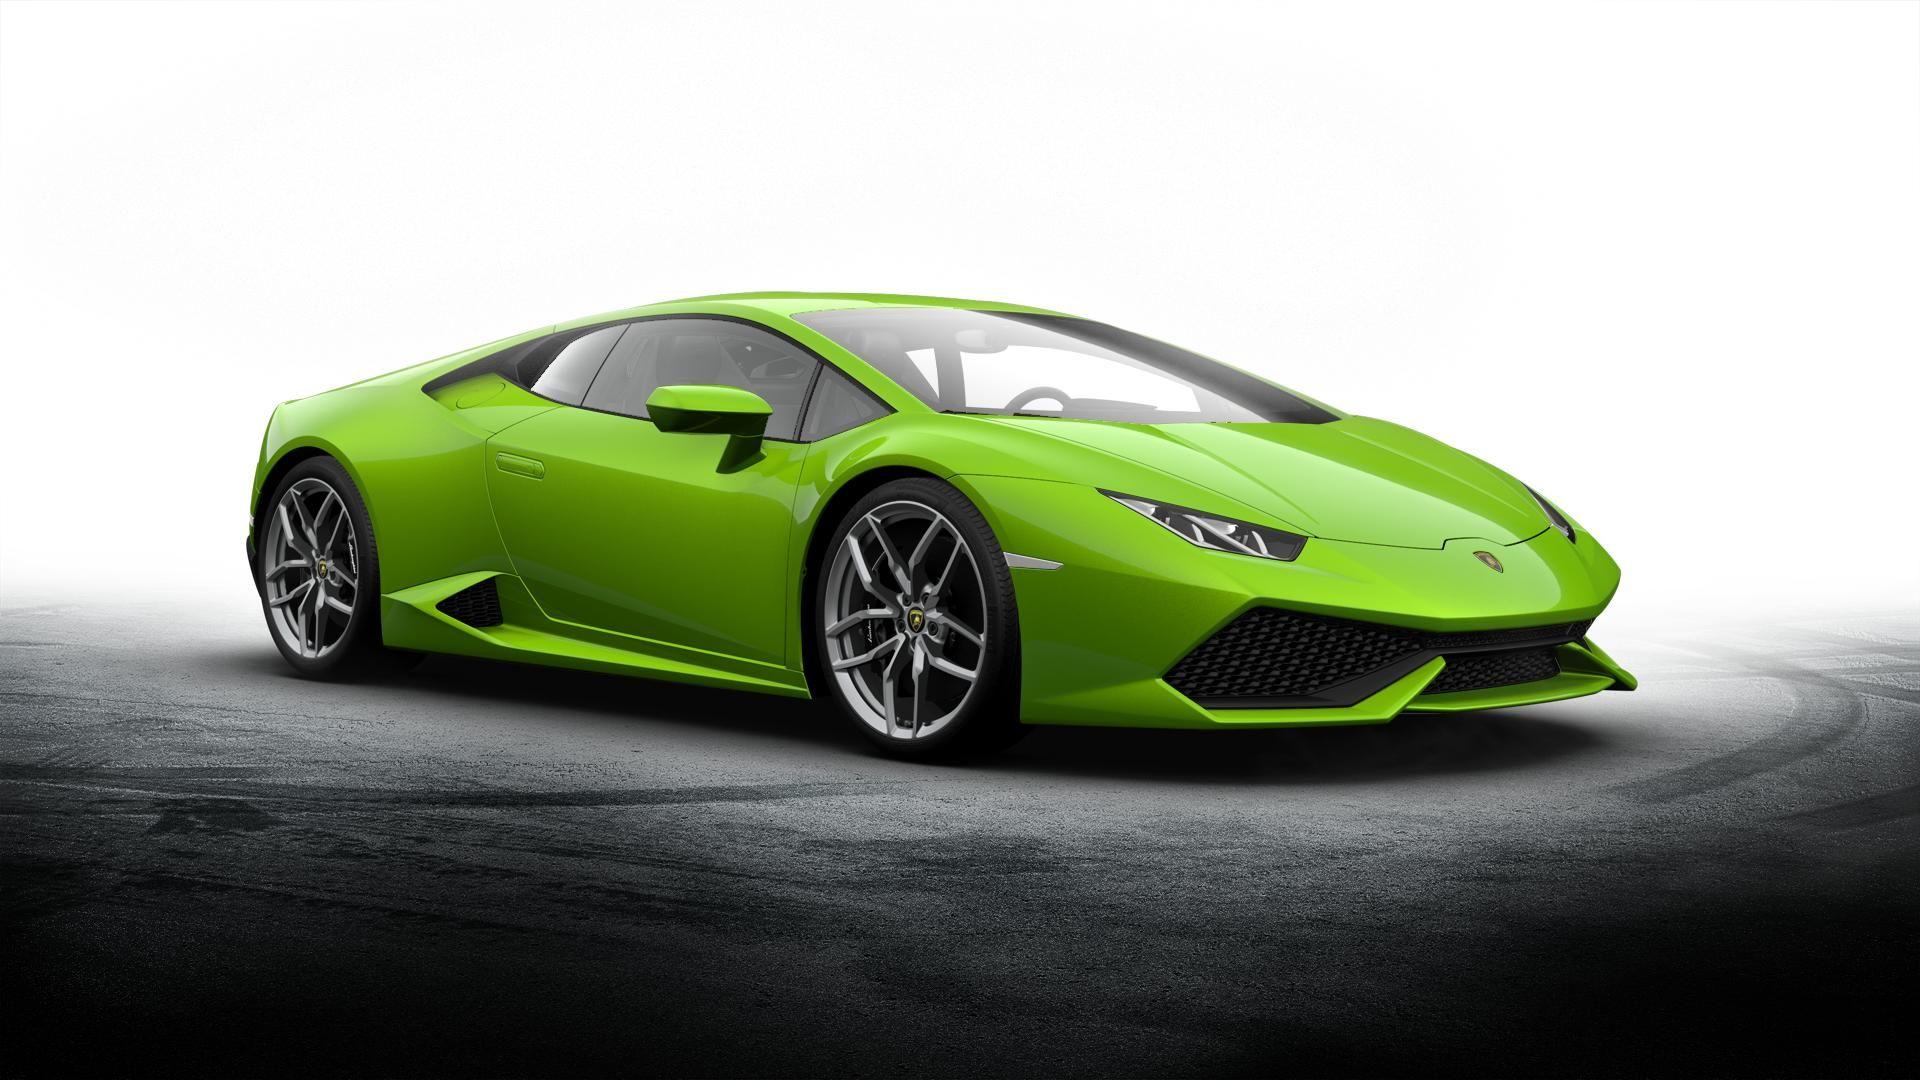 96829b845a25ced47dd60293c73e3a8d Exciting Lamborghini Huracán Lp 610-4 Cena Cars Trend